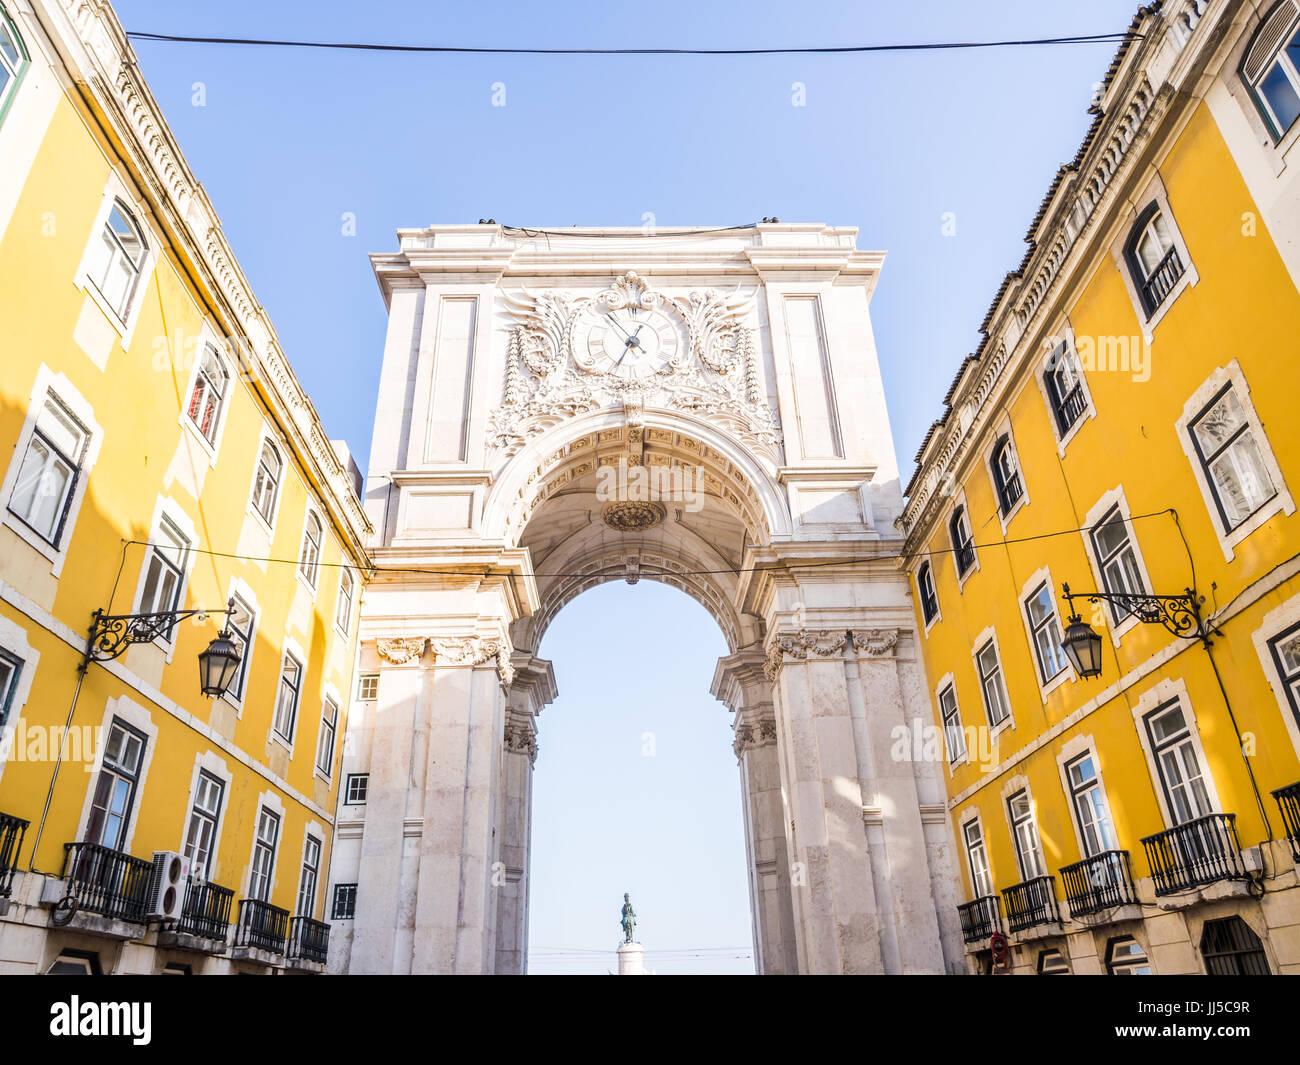 La Rua Augusta Arch, un arco trionfale-simili, edificio storico a Lisbona, Portogallo, sulla Praça do Comércio. Foto Stock